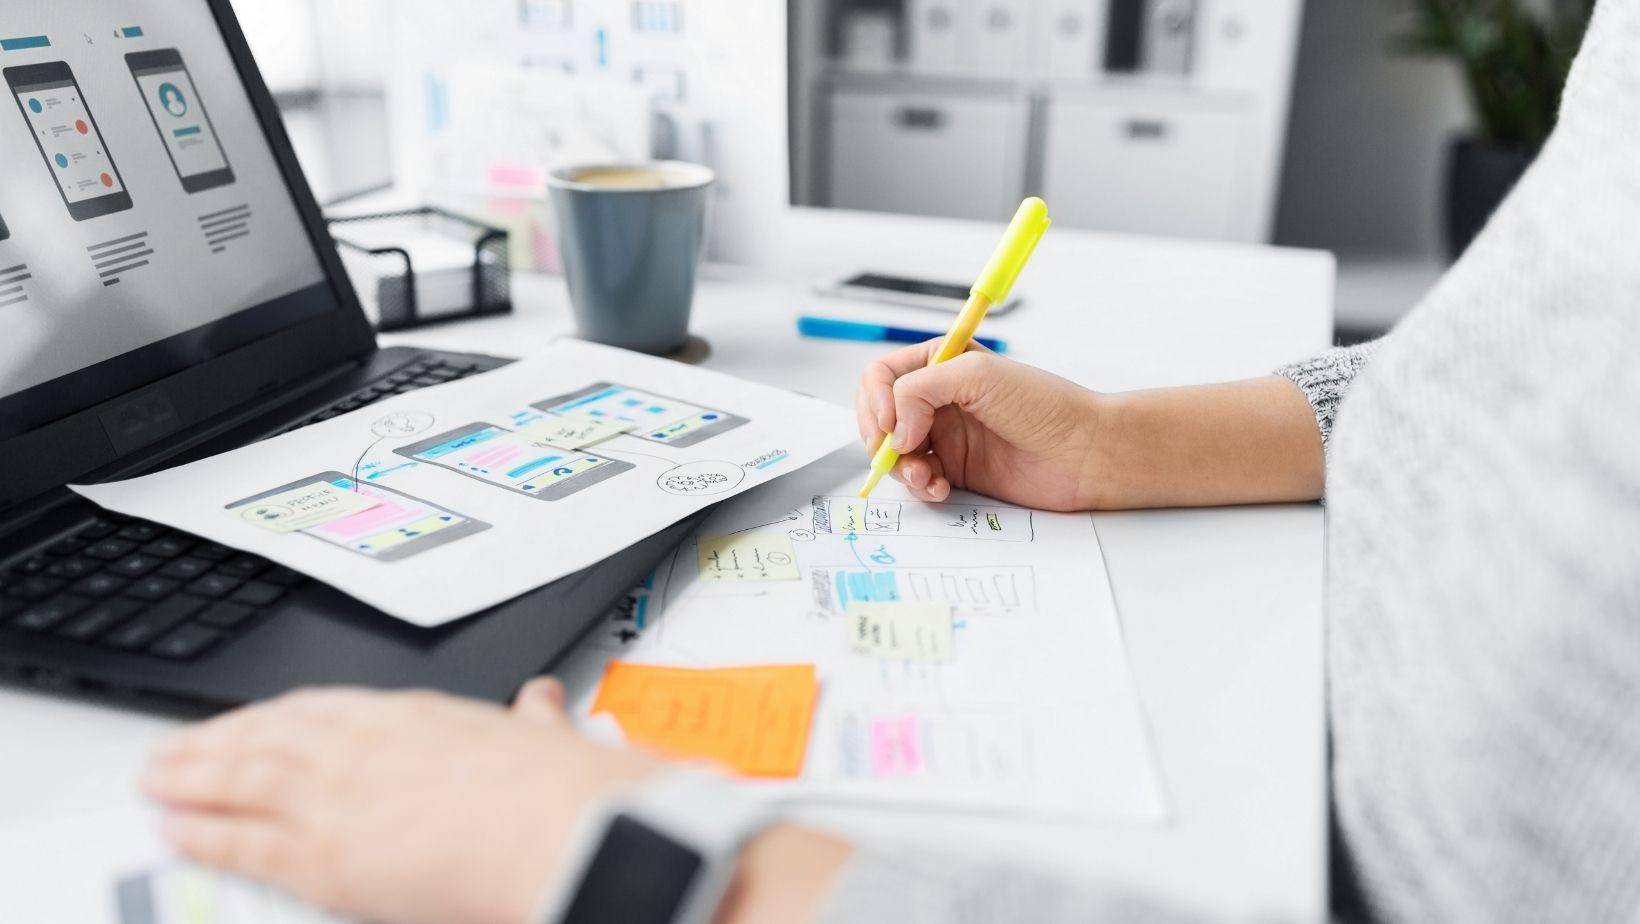 Migliorare l'usabilità di un sito web: 5 cose da fare